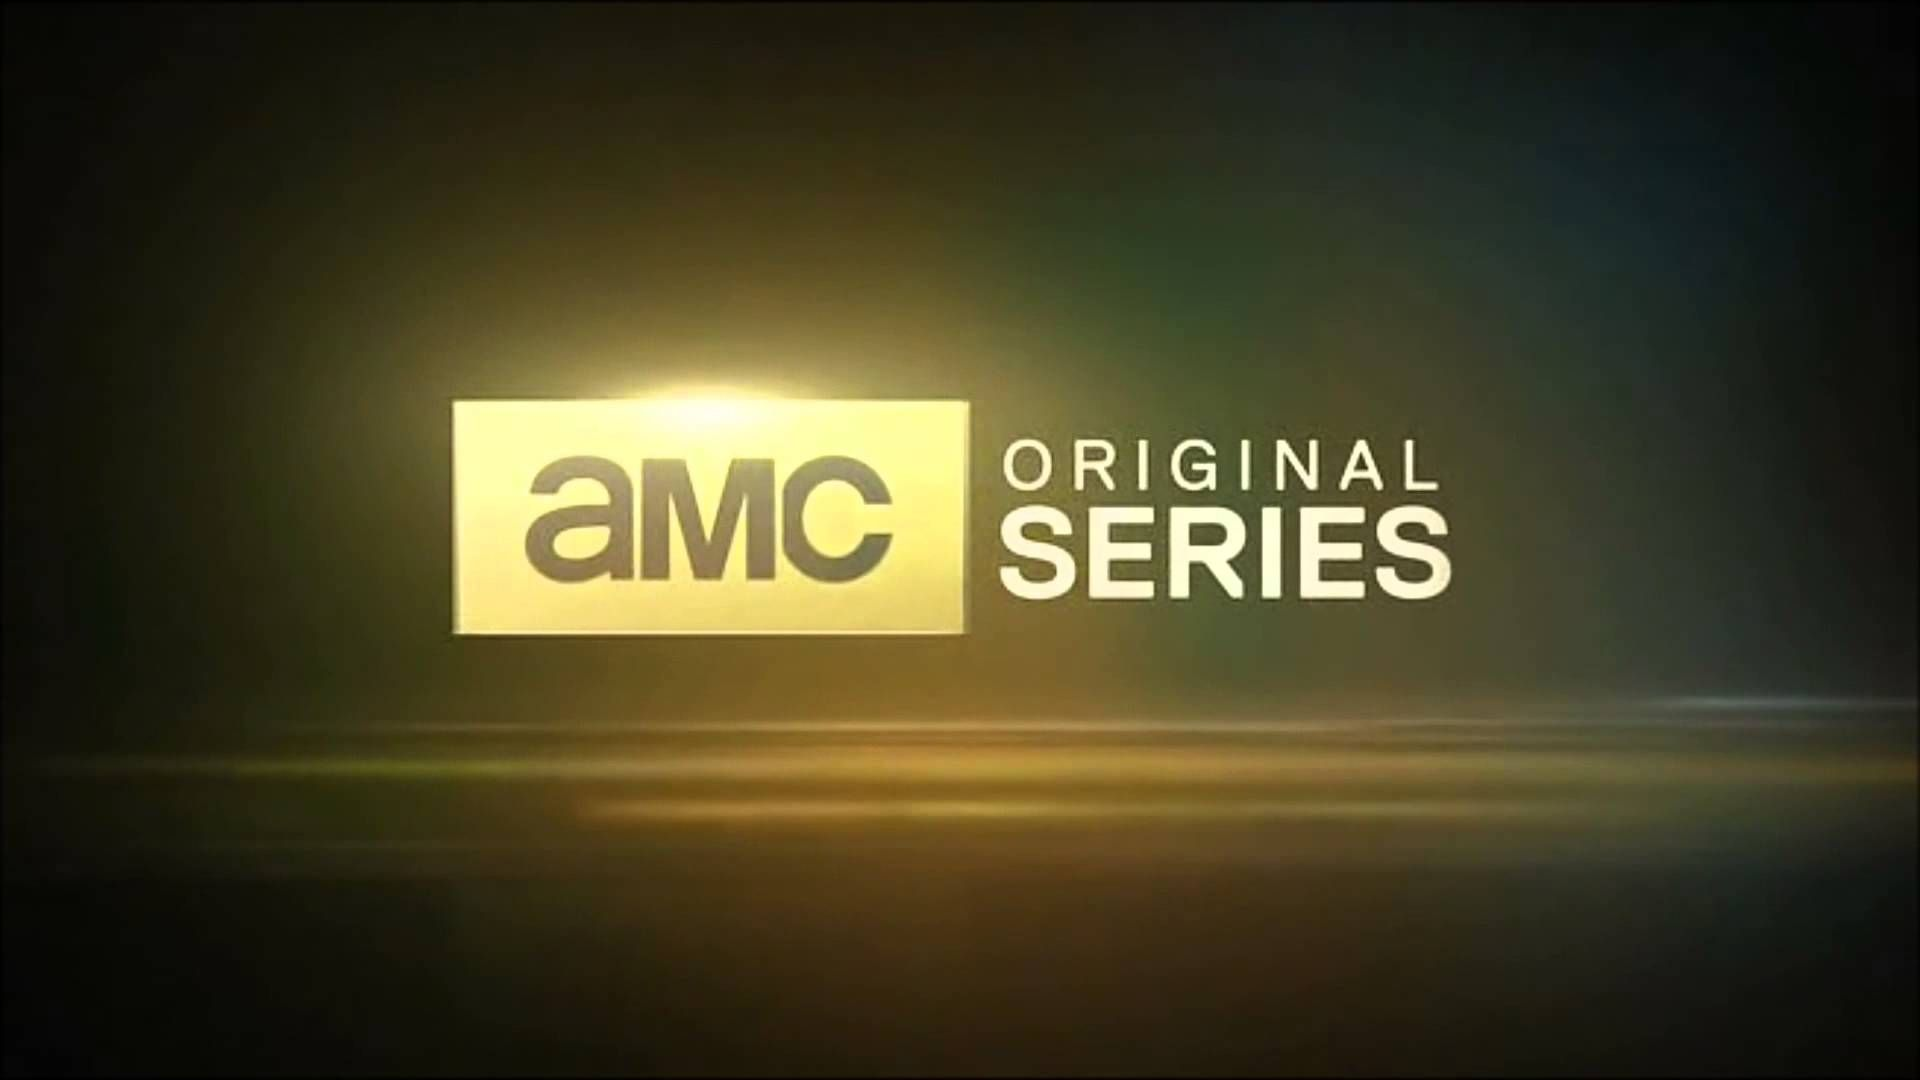 El canal AMC trabaja con tres nuevos proyectos